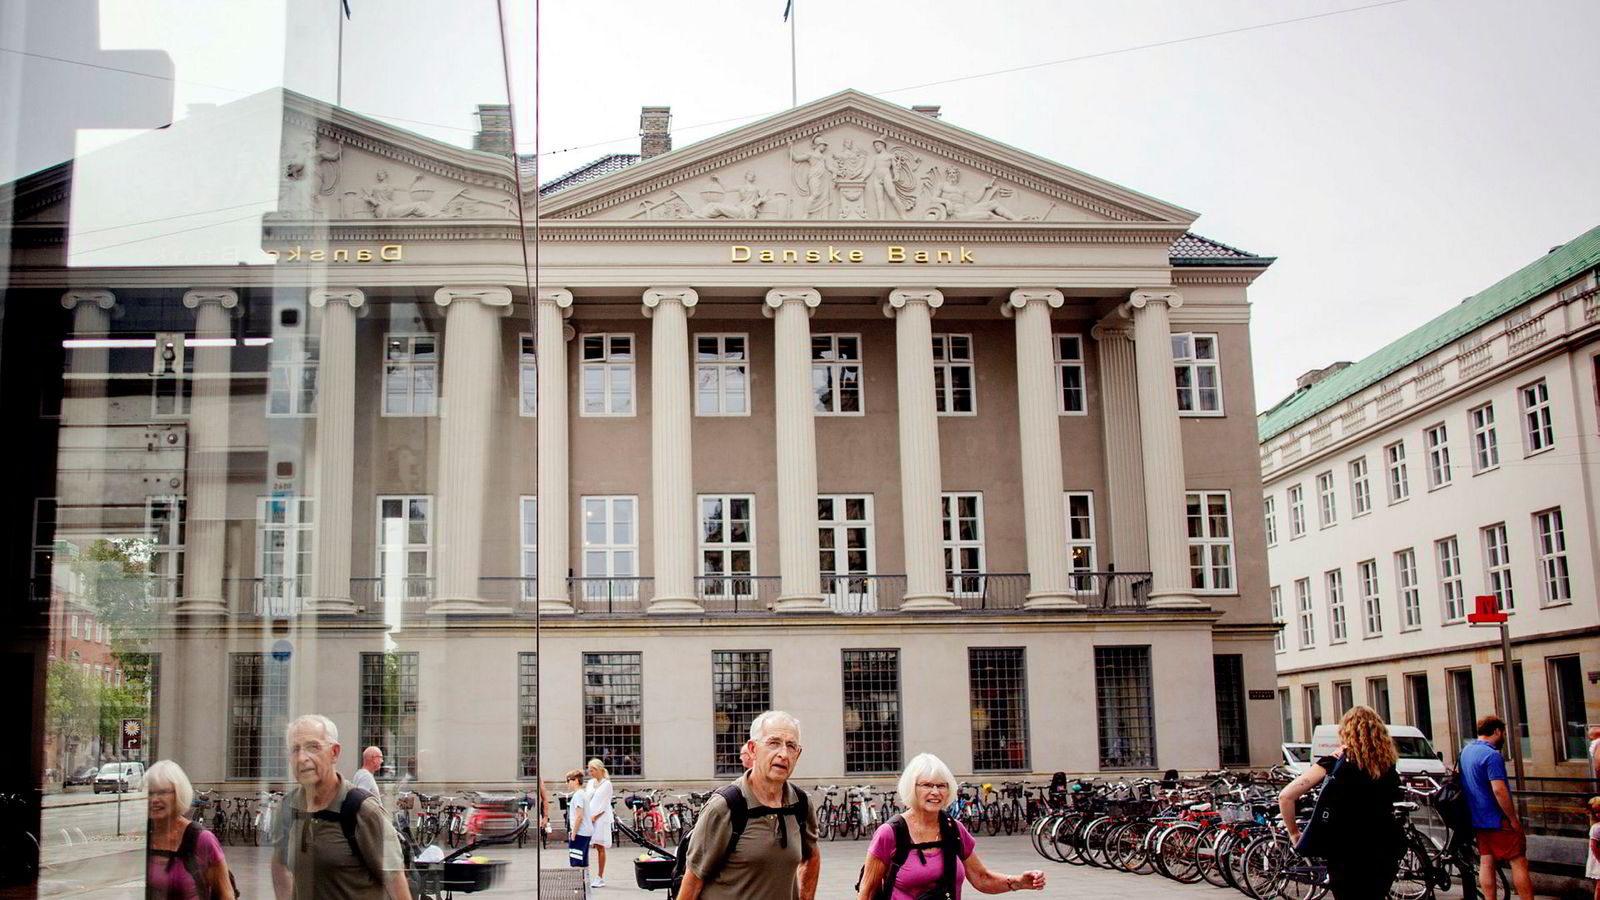 Kursen til Danske Bank vendte ned i sommer og etablerte en fallende trend.